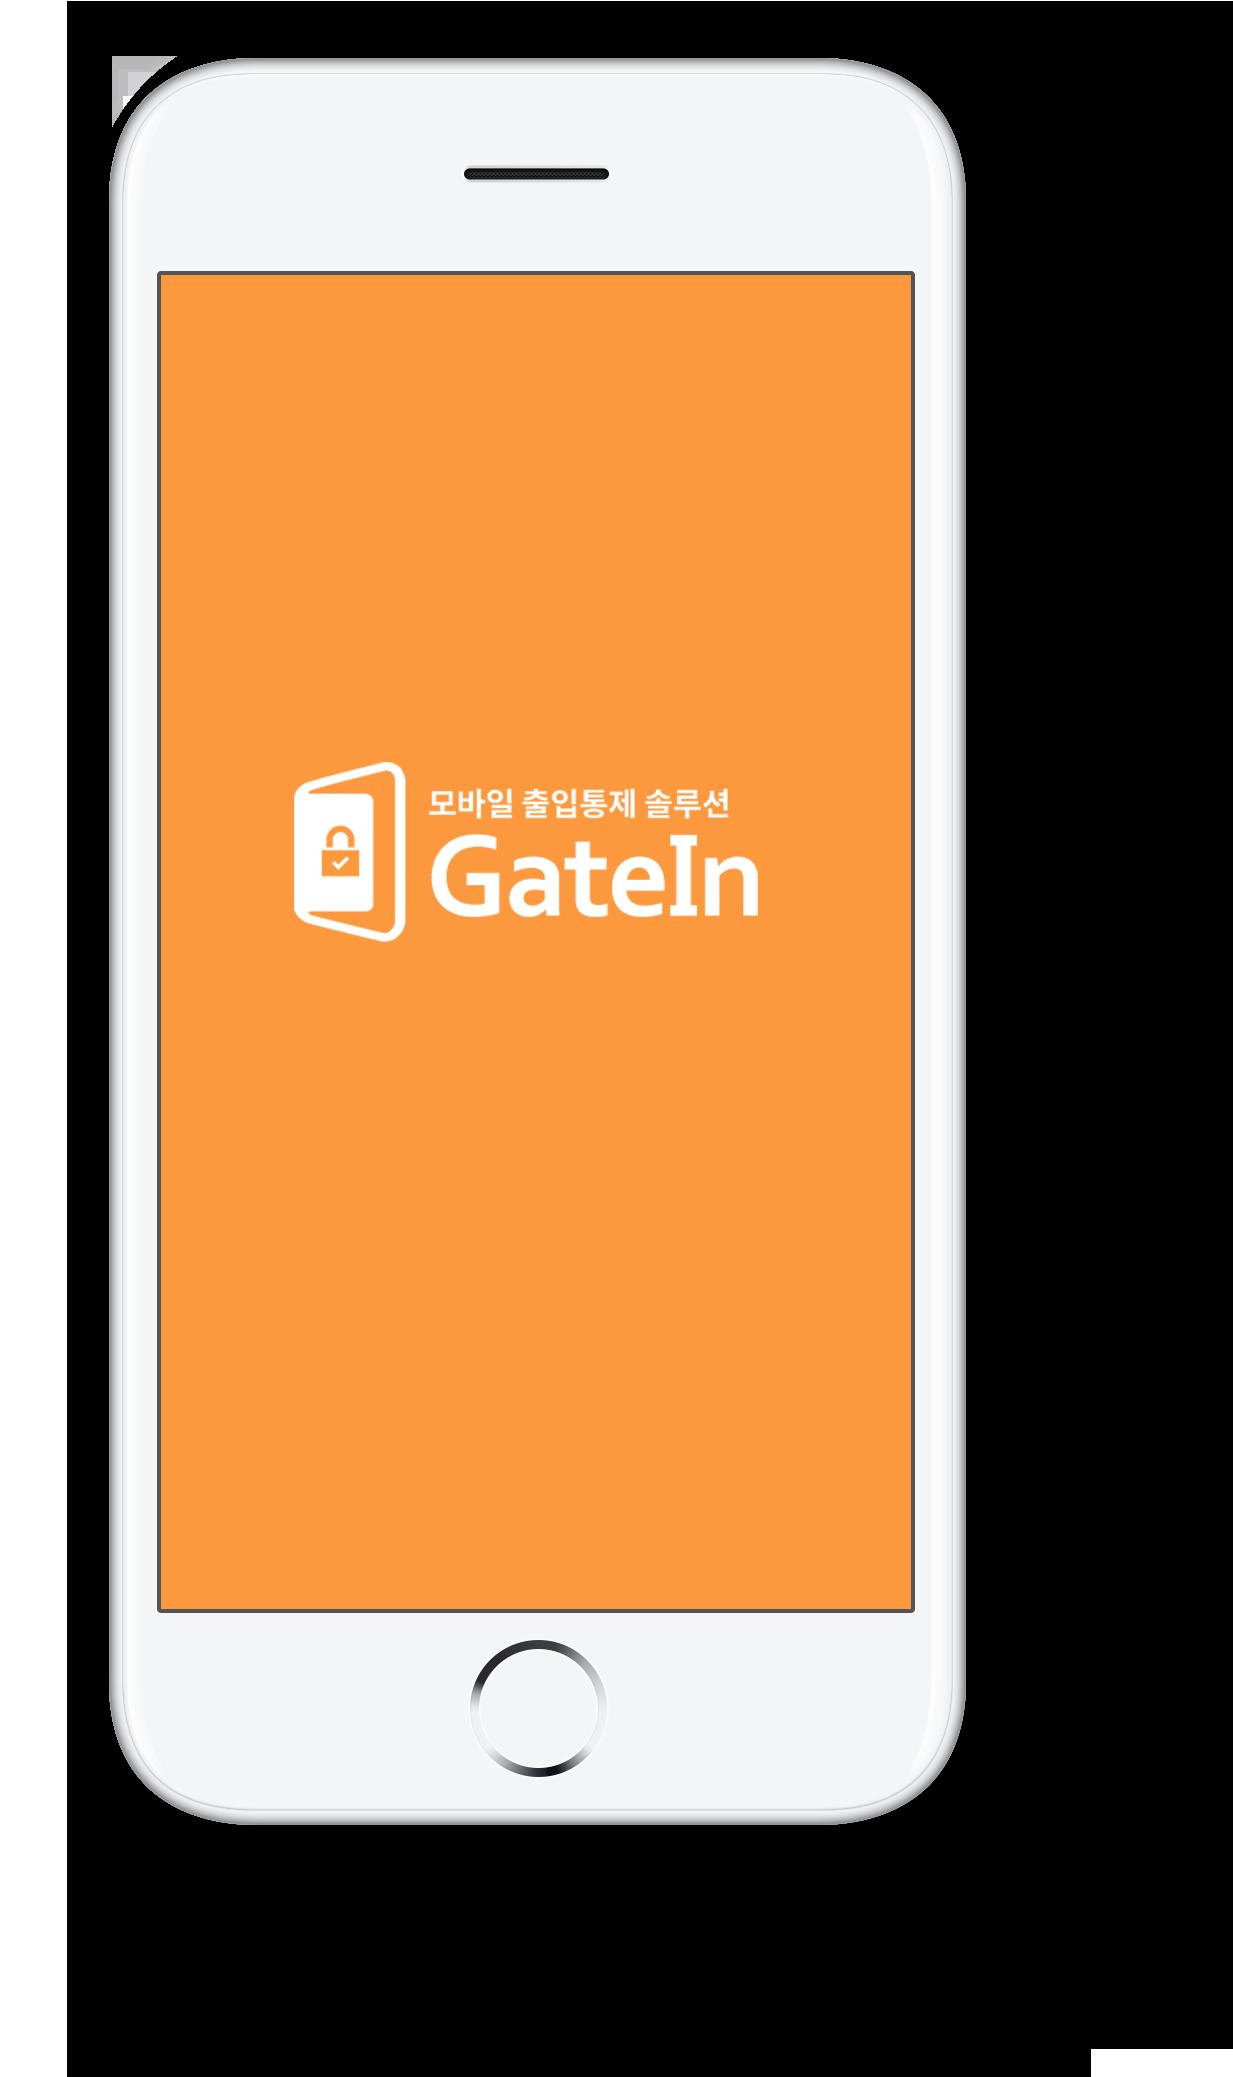 gatein_phone_img